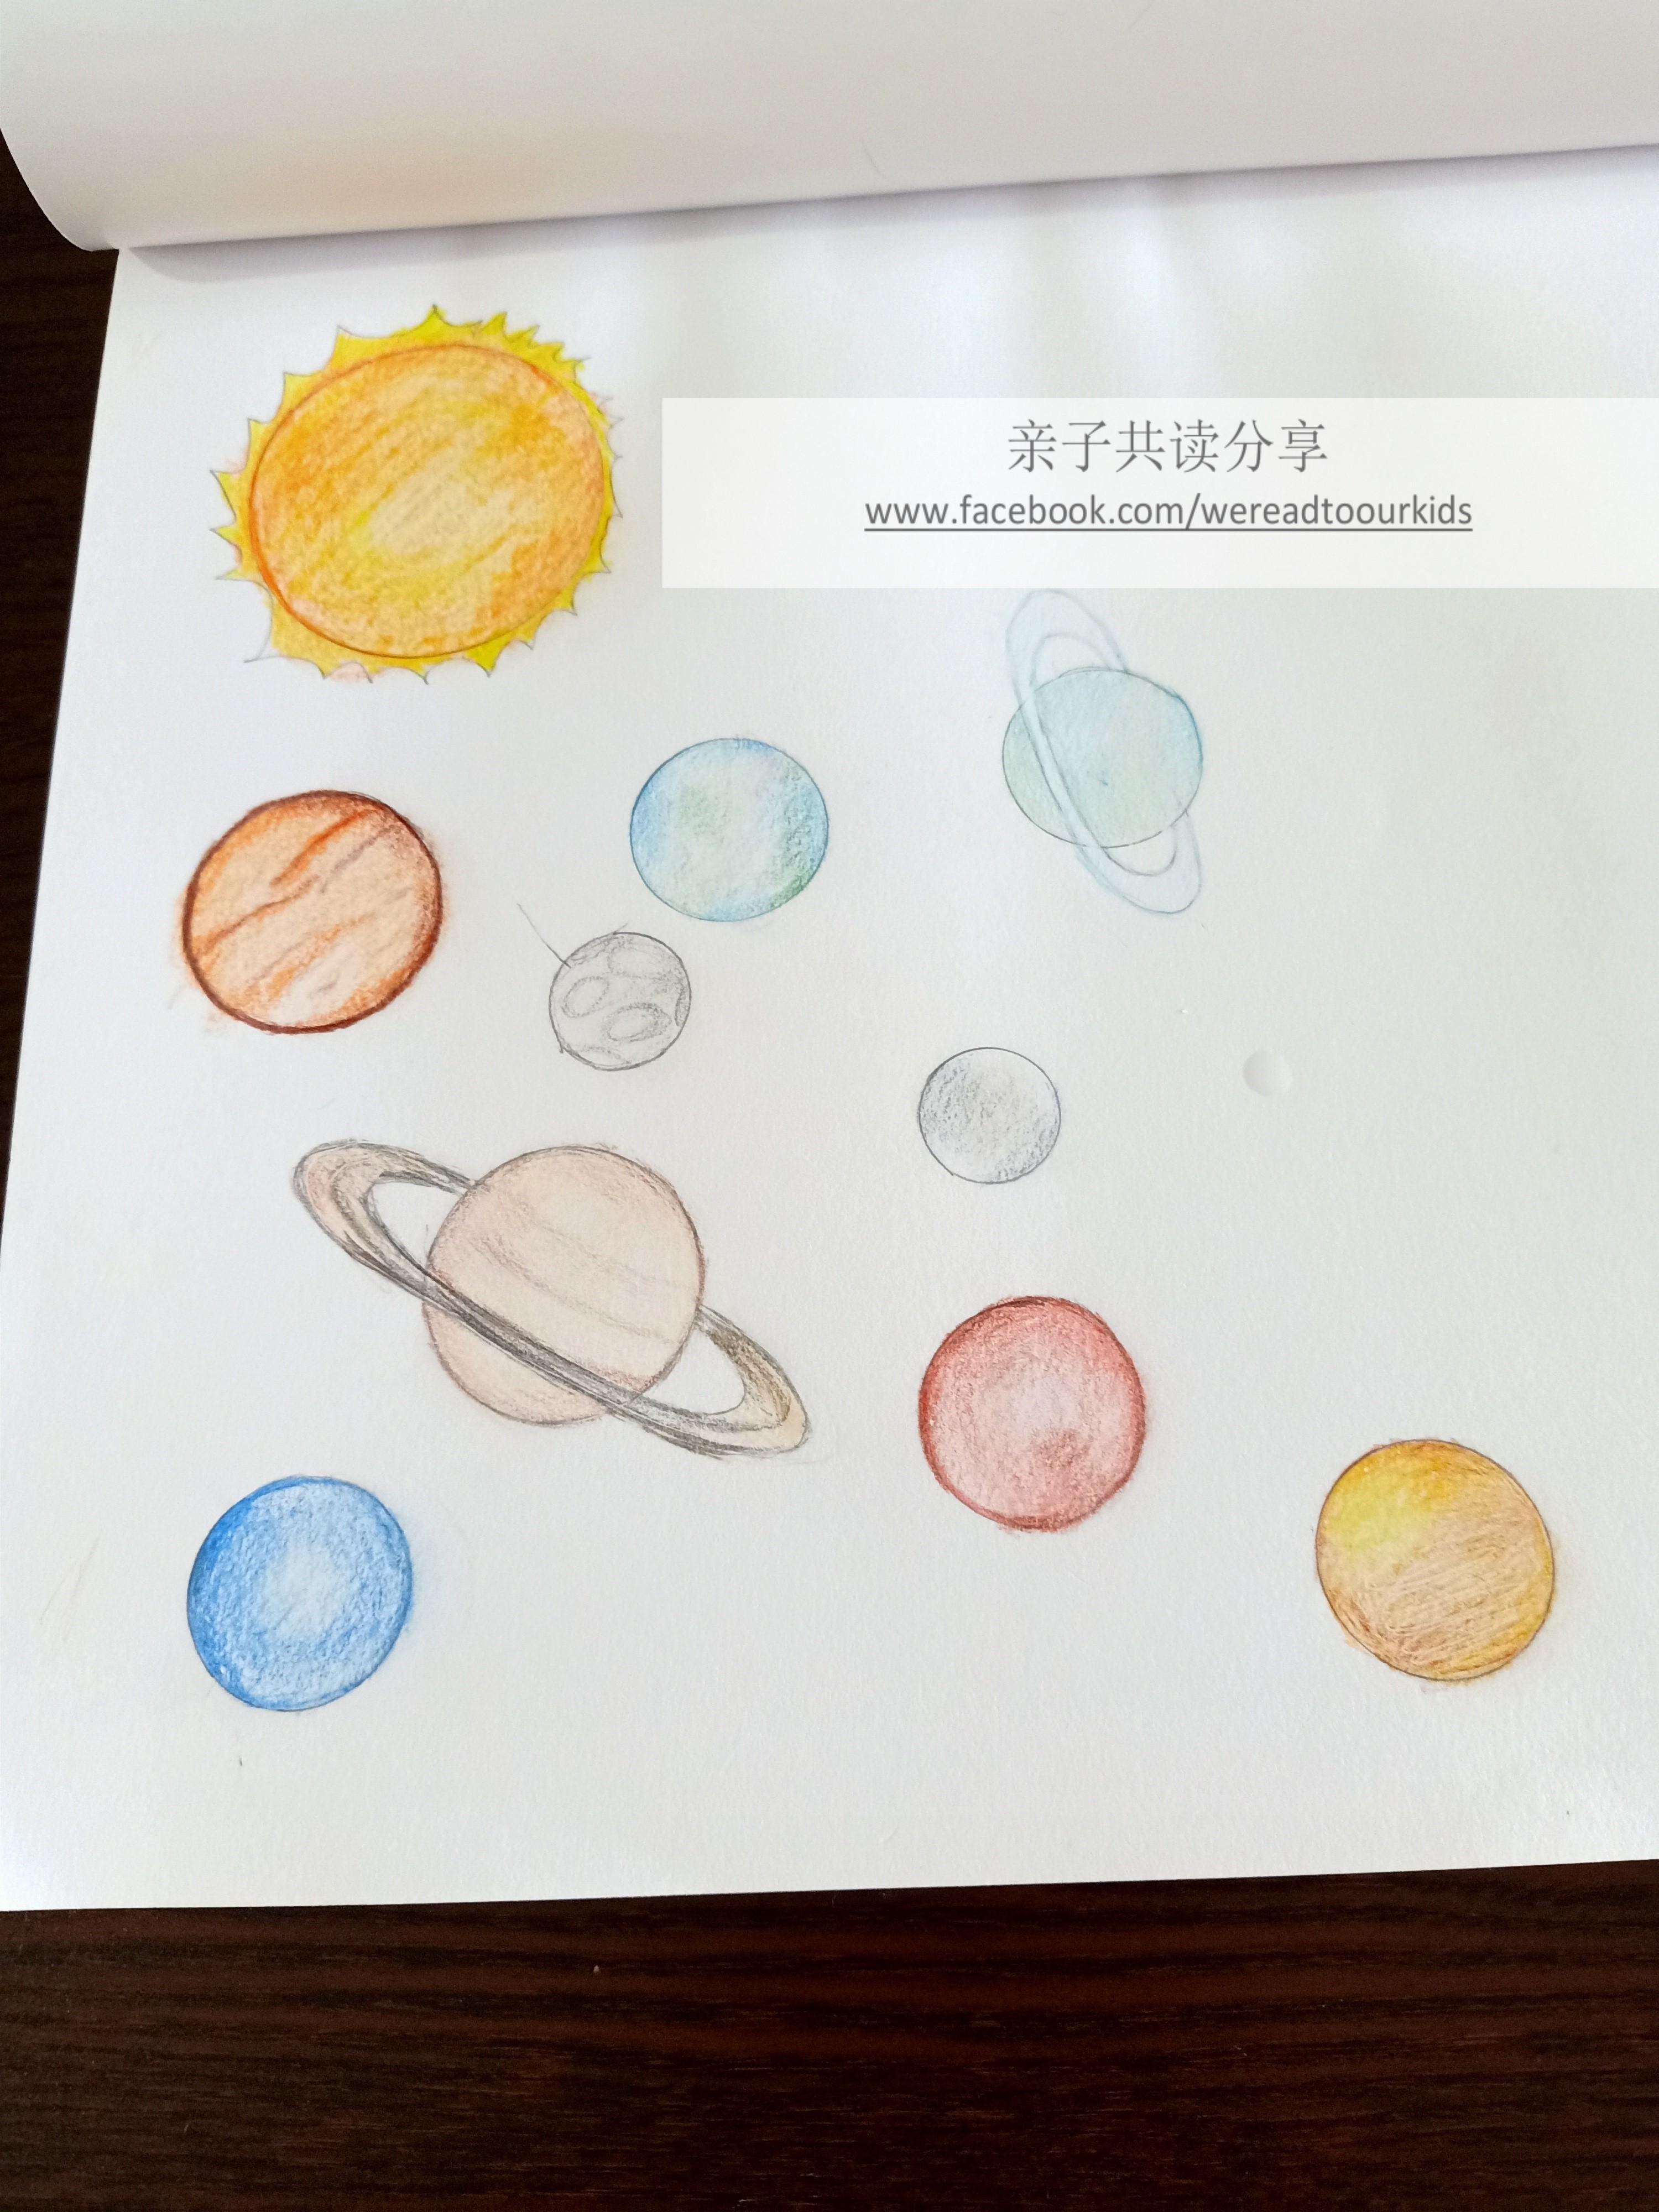 太空生日主题8